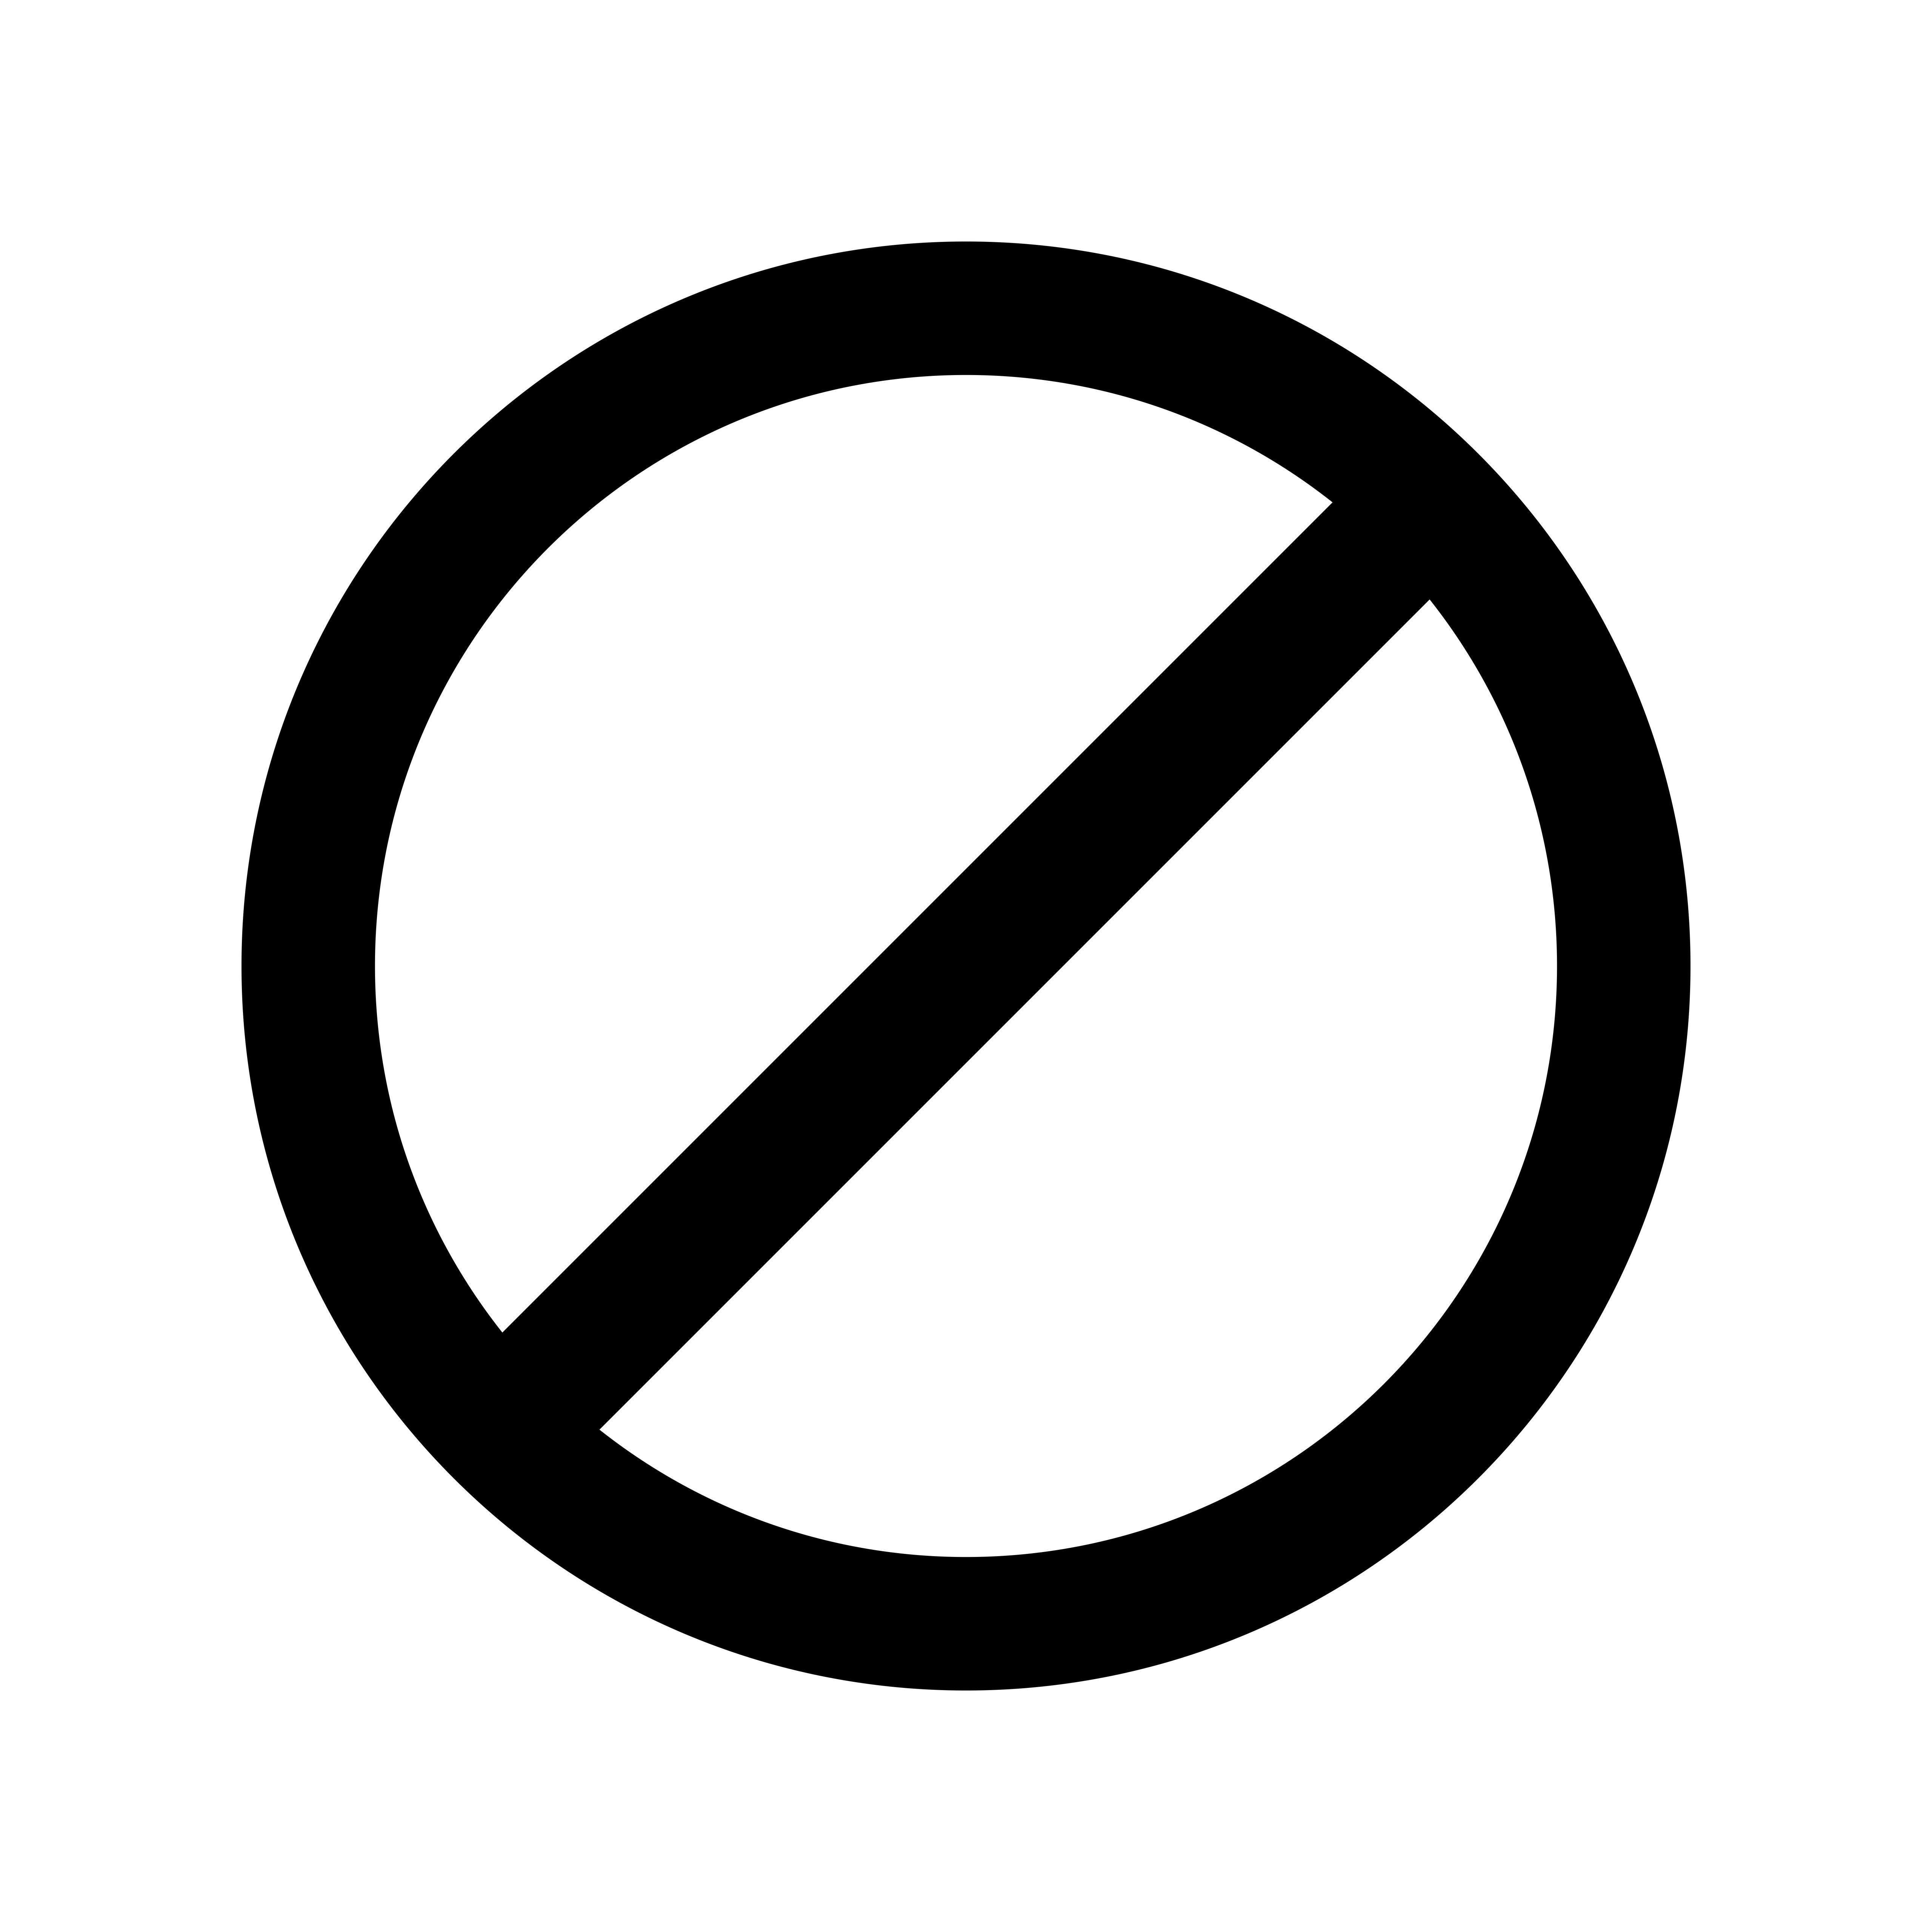 Vector No entry Icon - Download Free Vector Art, Stock ...